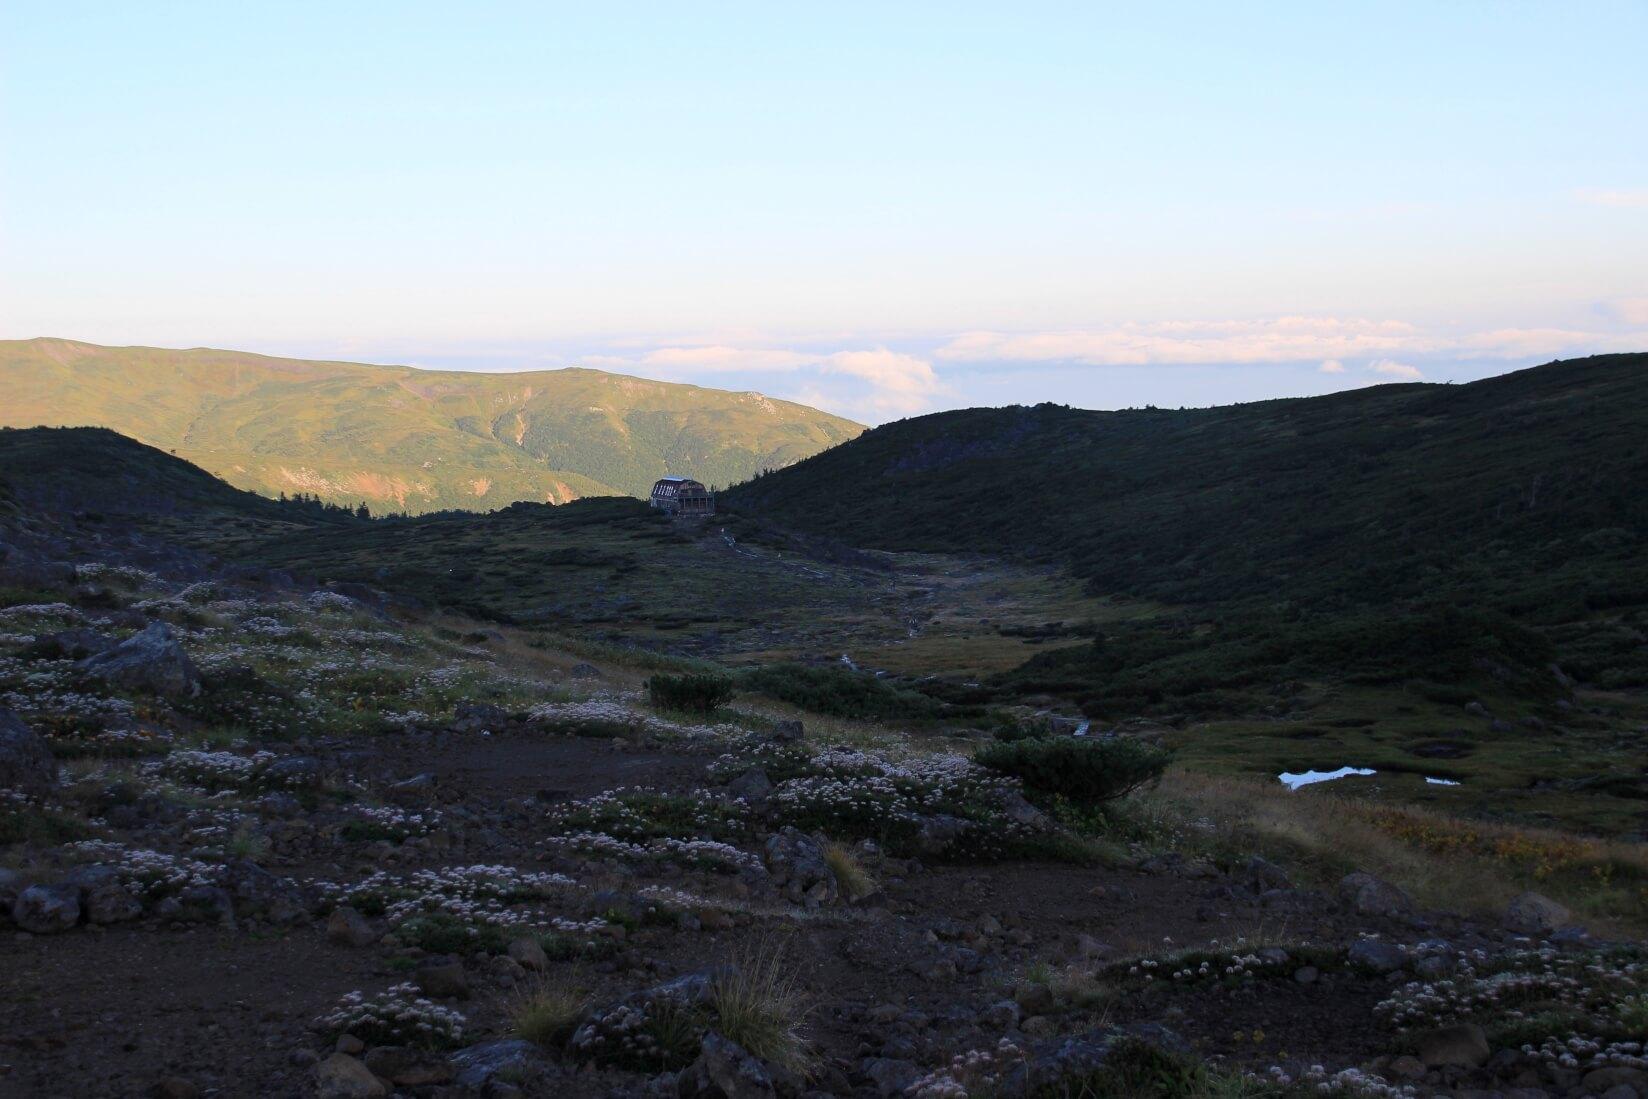 早朝の雲ノ平と雲ノ平山荘